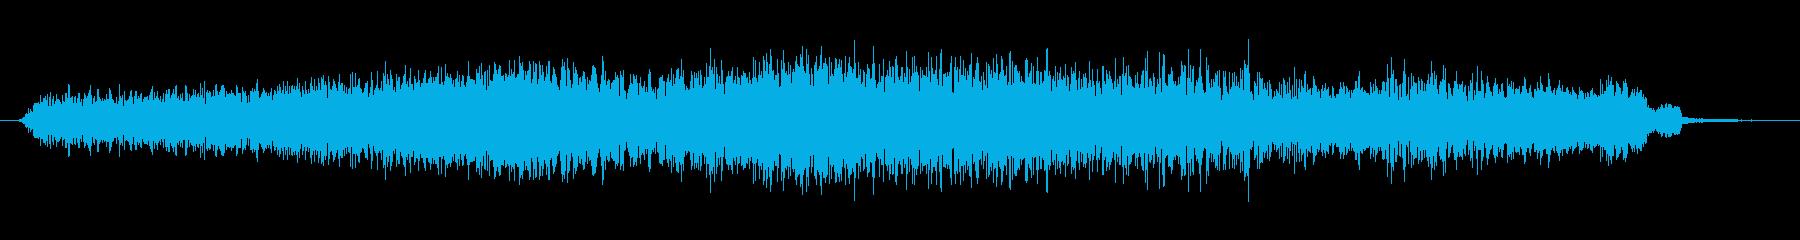 素材 逆ドローンフィードバック01の再生済みの波形